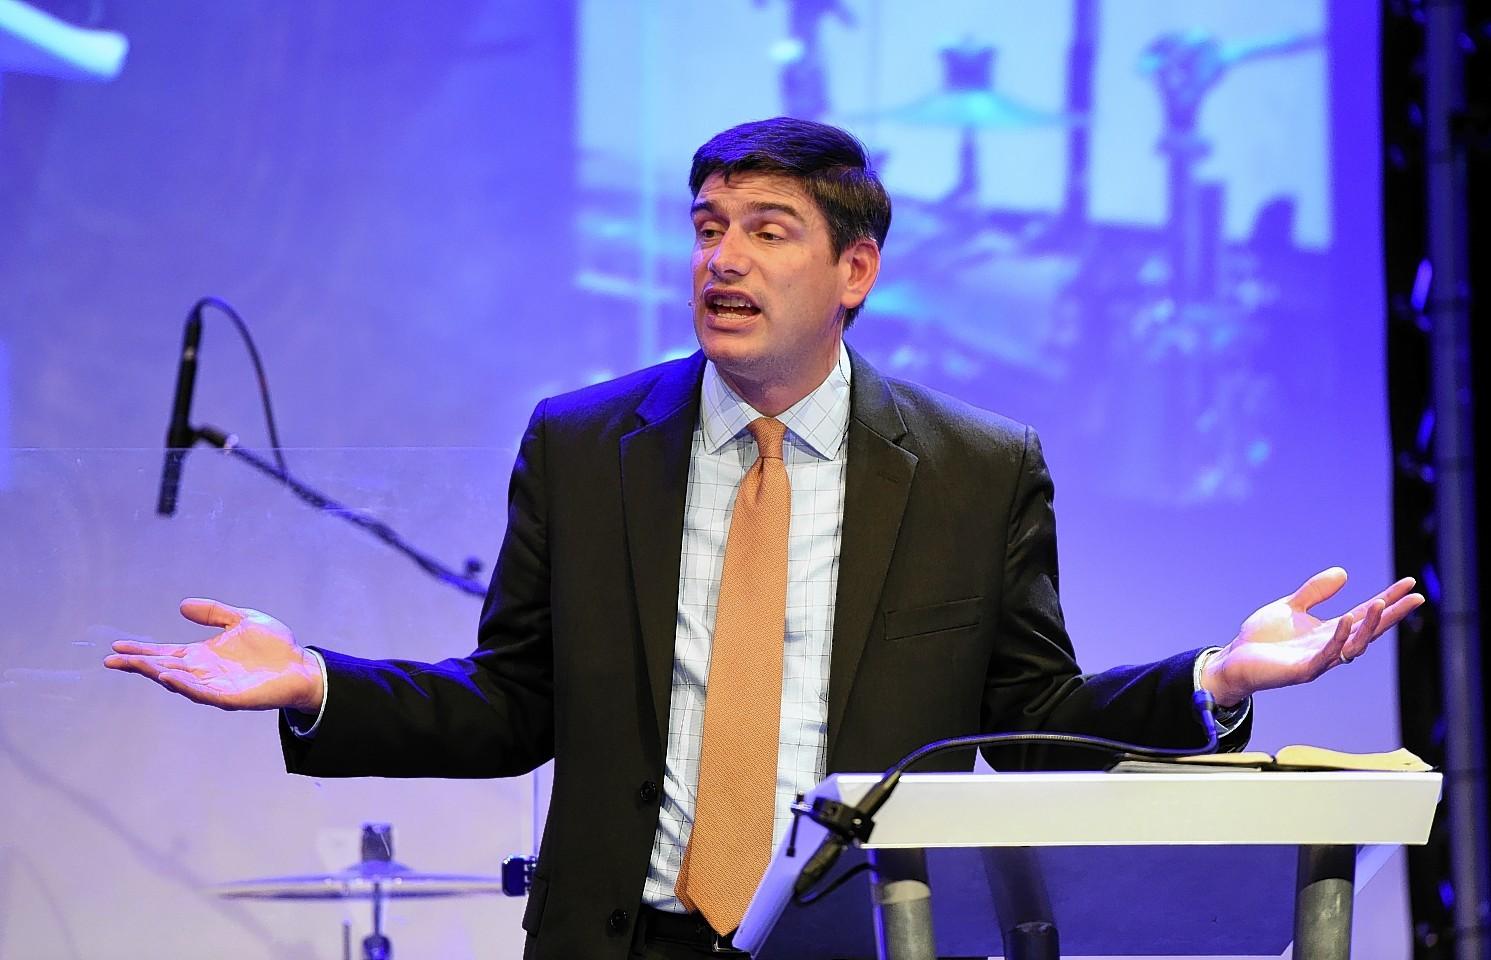 Evangelical preacher Will Graham speaking at Peterhead Academy